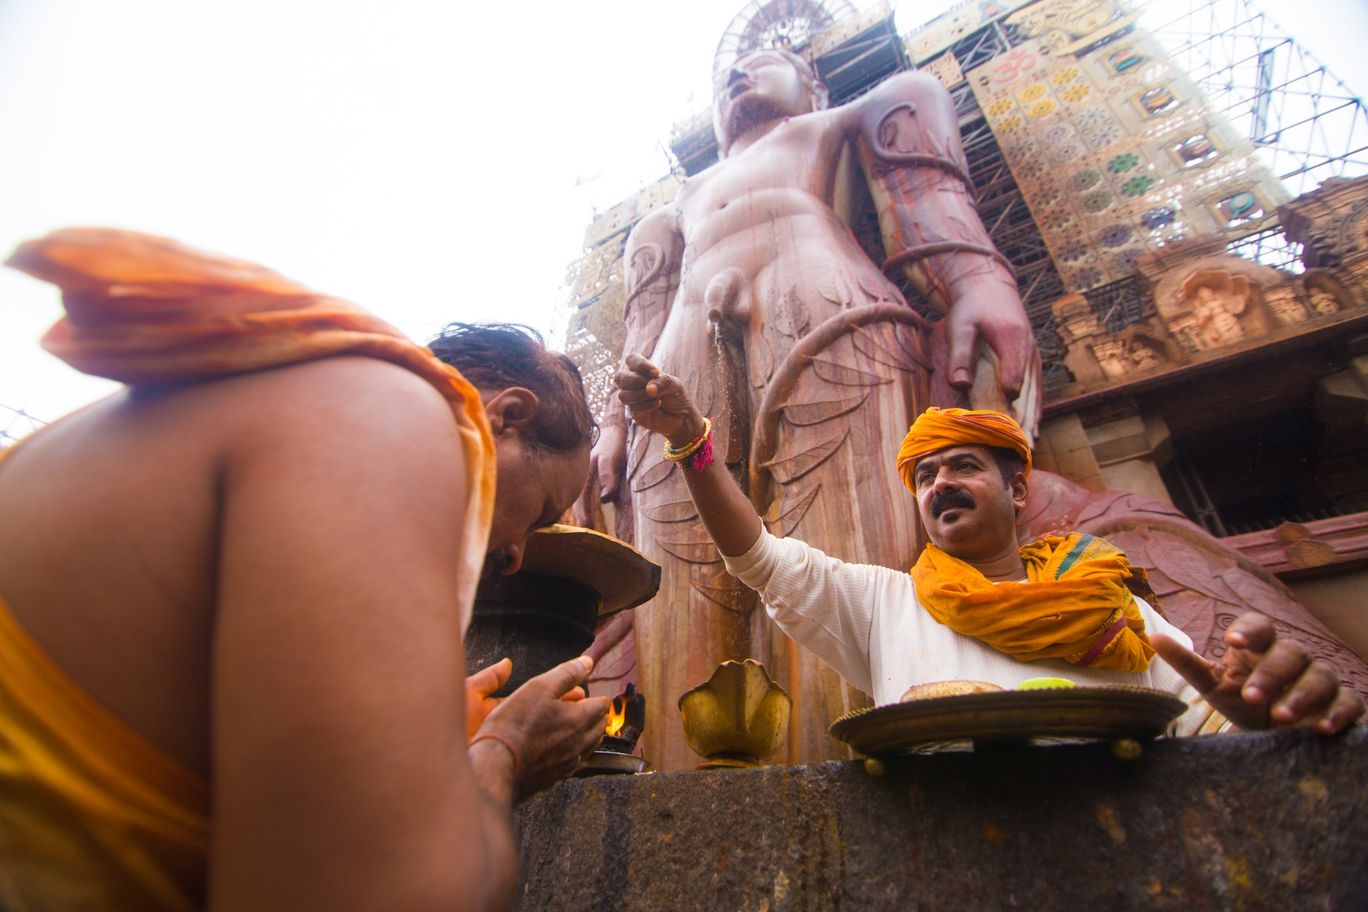 Photo of Shravanabelagola By nithinpn86